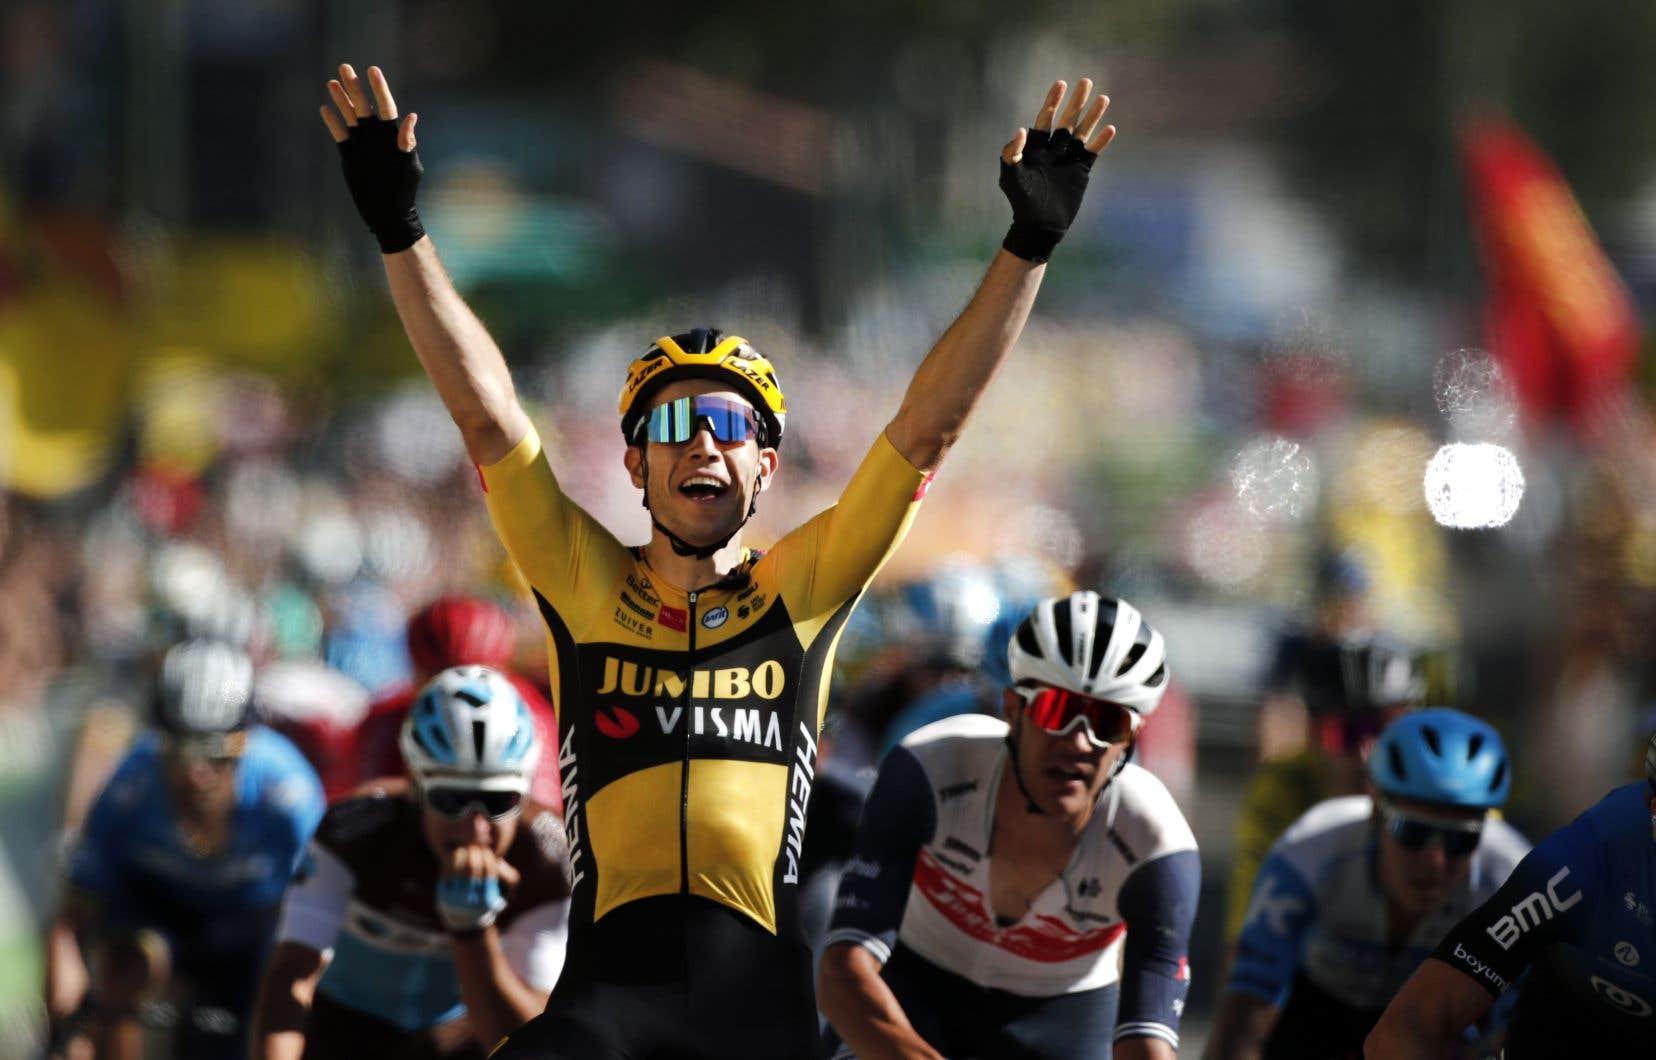 Le Belge Wout Van Aert a remporté vendredi la septième étape, sa deuxième victoire de la présente Grande Boucle.